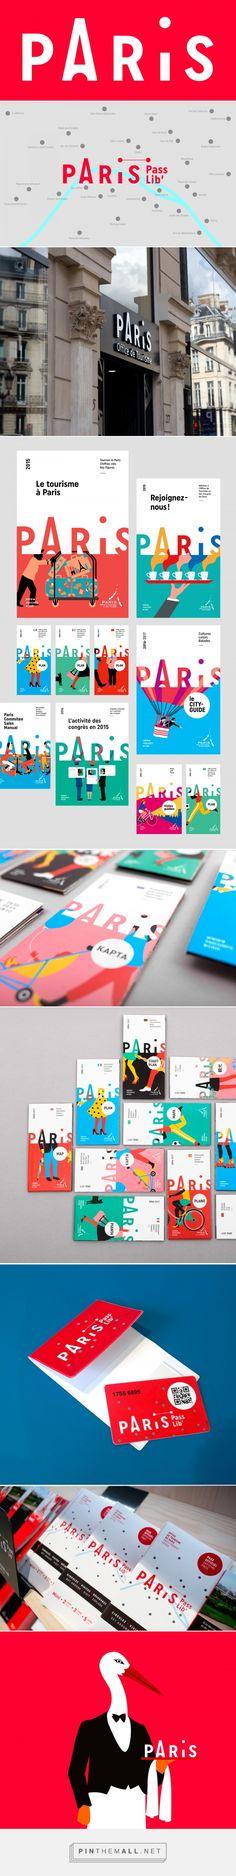 Paris Convention and Visitors Bureau                                                                                                                                                     More